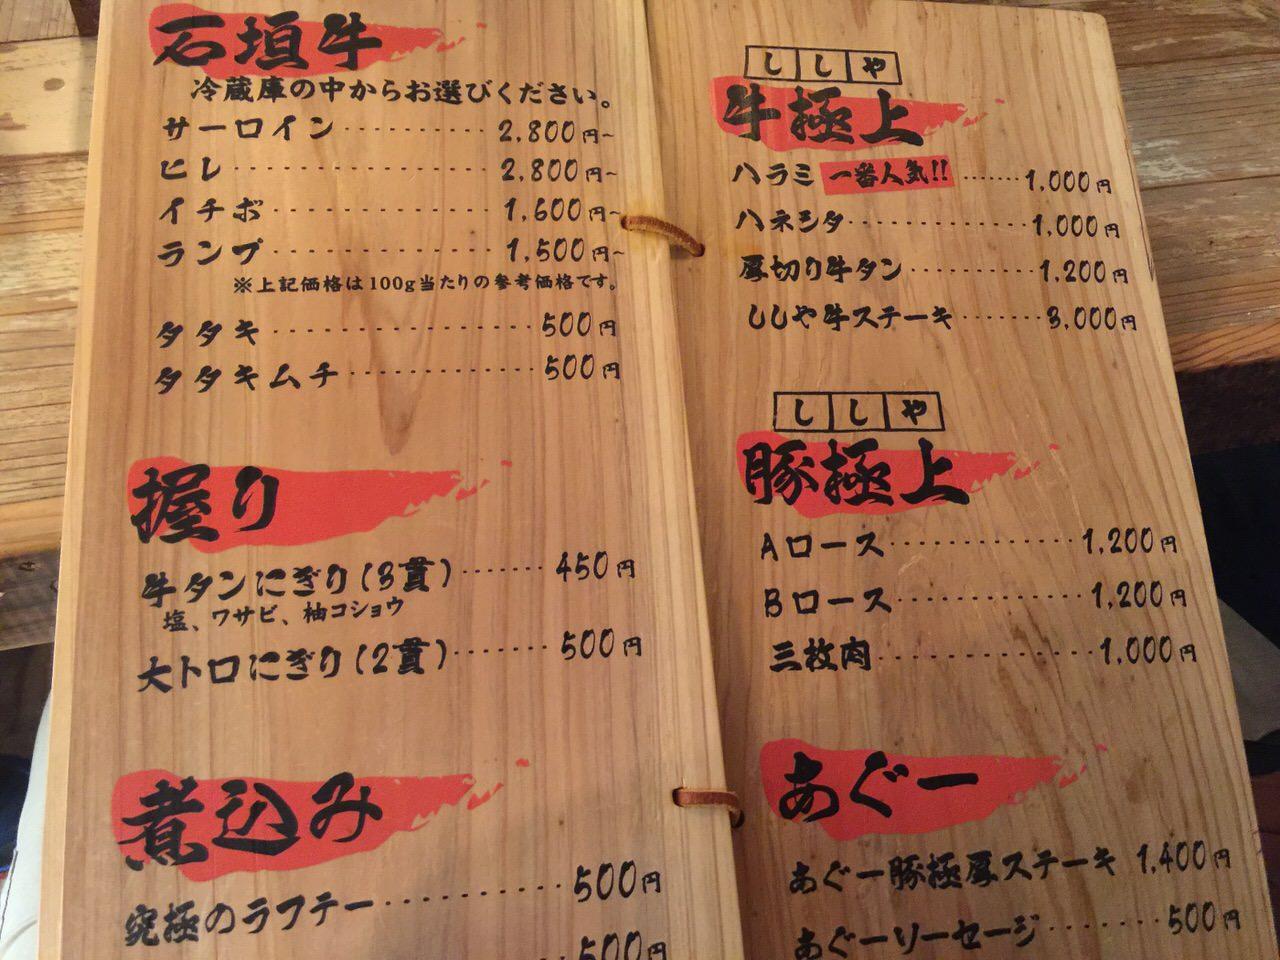 Shishiya naha 7755